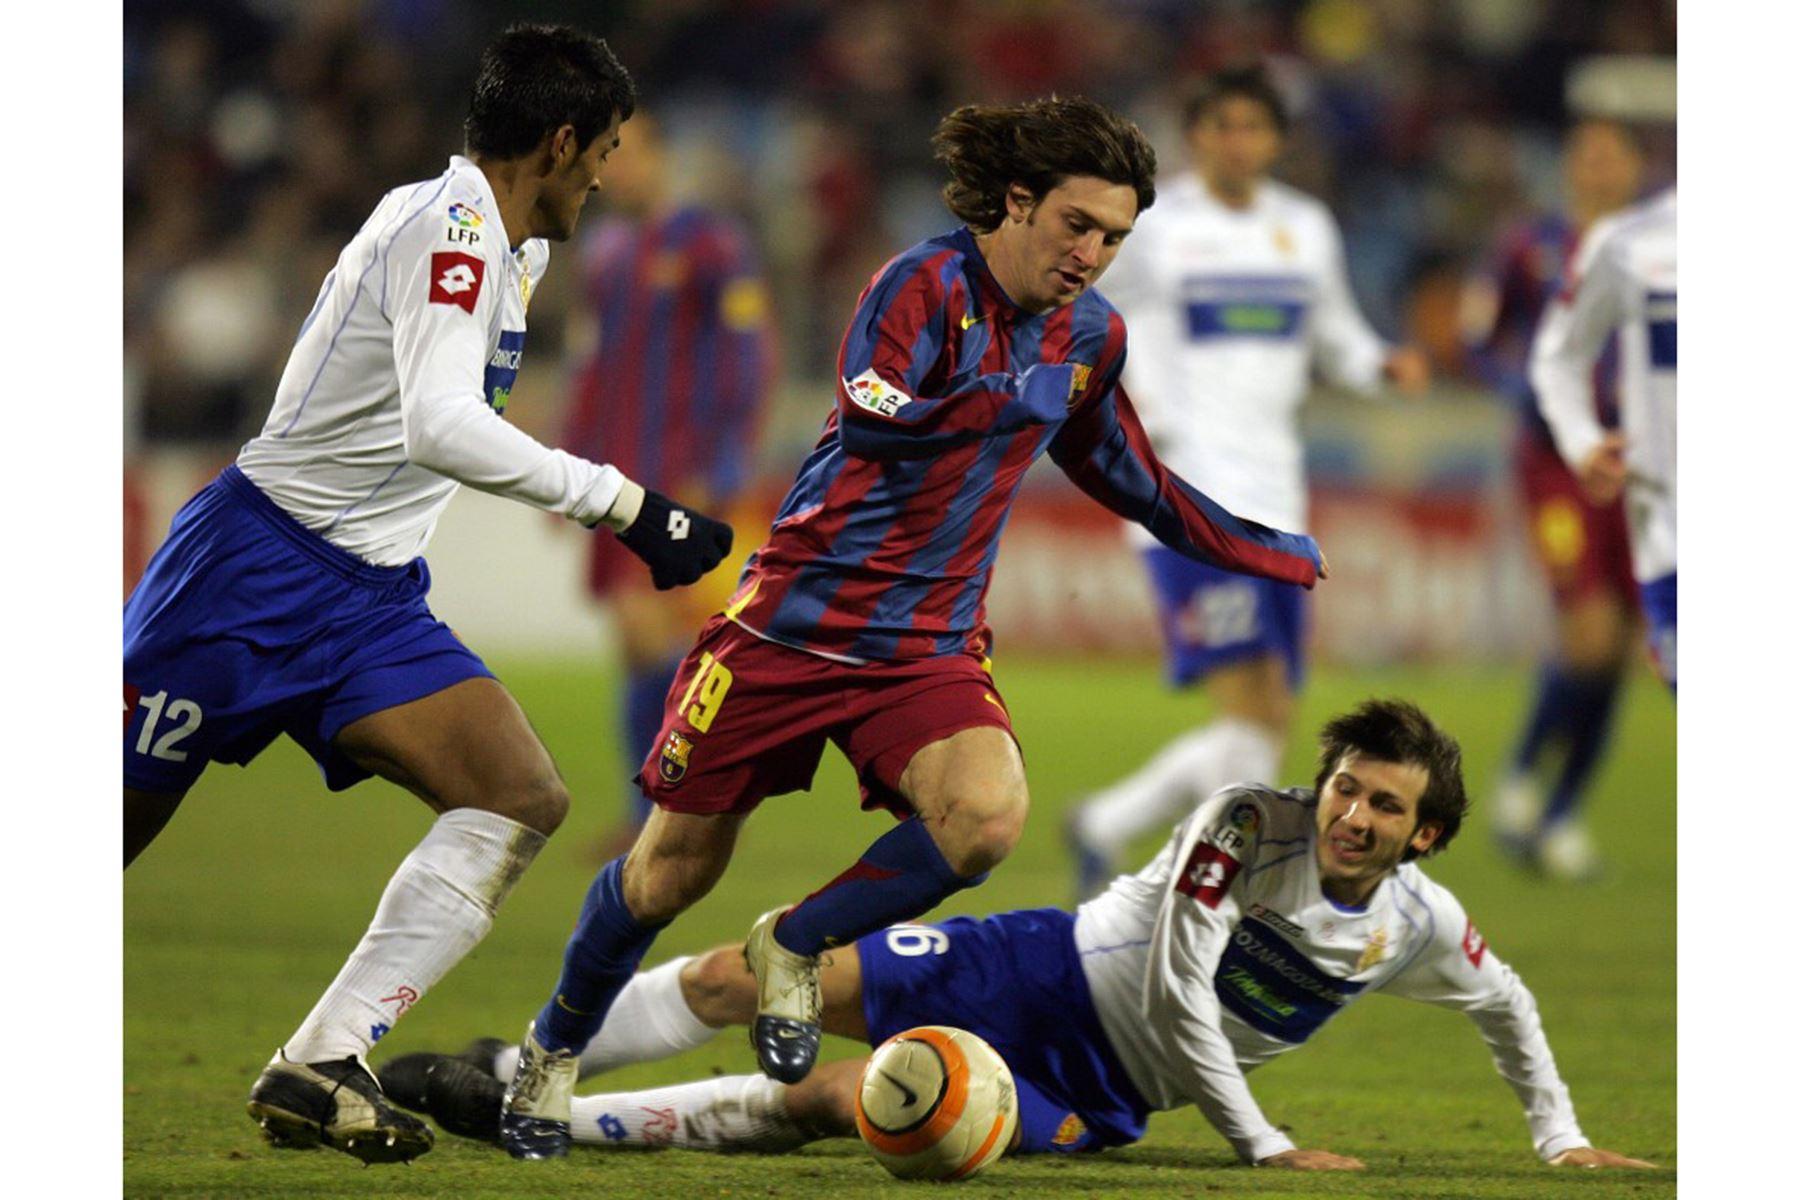 El argentino de Barcelona Lionel Messi compite con los zaragozanos Delio Toledo y Albert Celades durante su partido de fútbol de la Copa del Rey en el estadio Romareda de Zaragoza, el 26 de enero de 2006. Foto: AFP